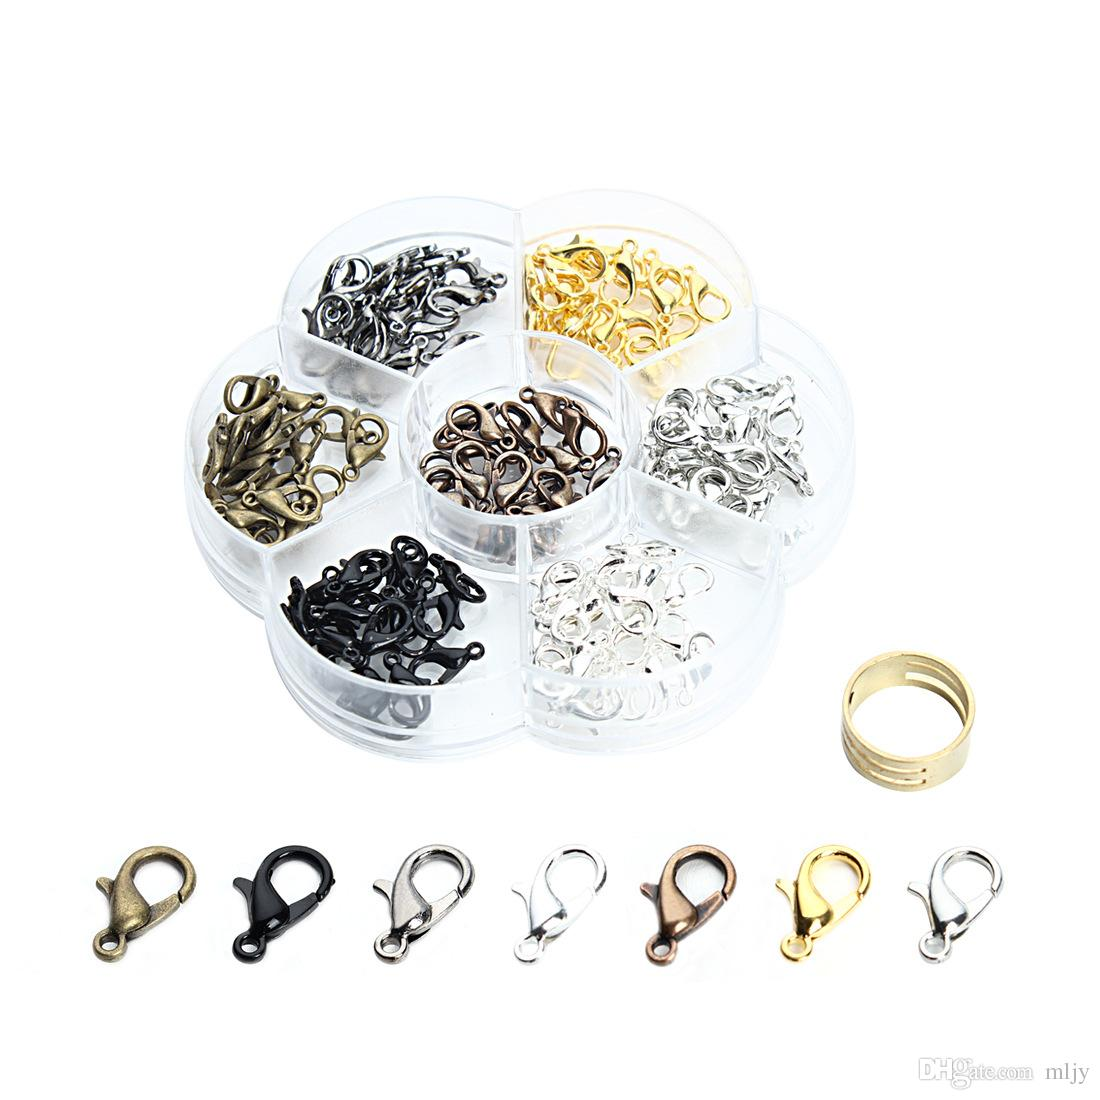 MLJY 7 Farben Legierungs-Hummer-Haken für Halskette 12mm Halsketten-Zusätze DIY Haken-Haken mit den offenen Werkzeug-Ring-Schmucksachen, die Großverkauf machen